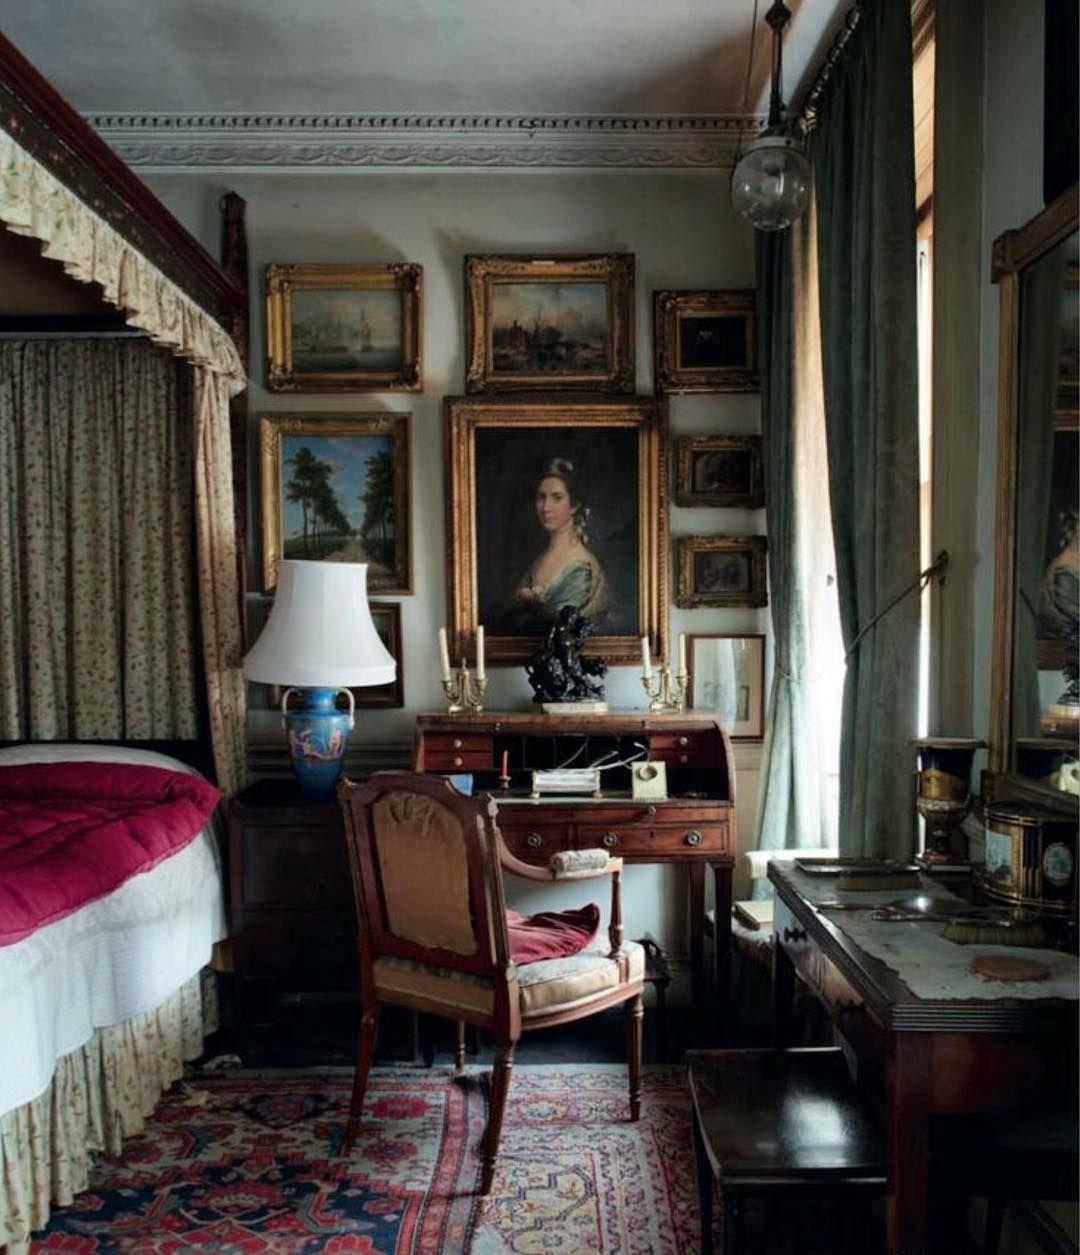 Viktoriansk inredningsstil, historia och interiörer